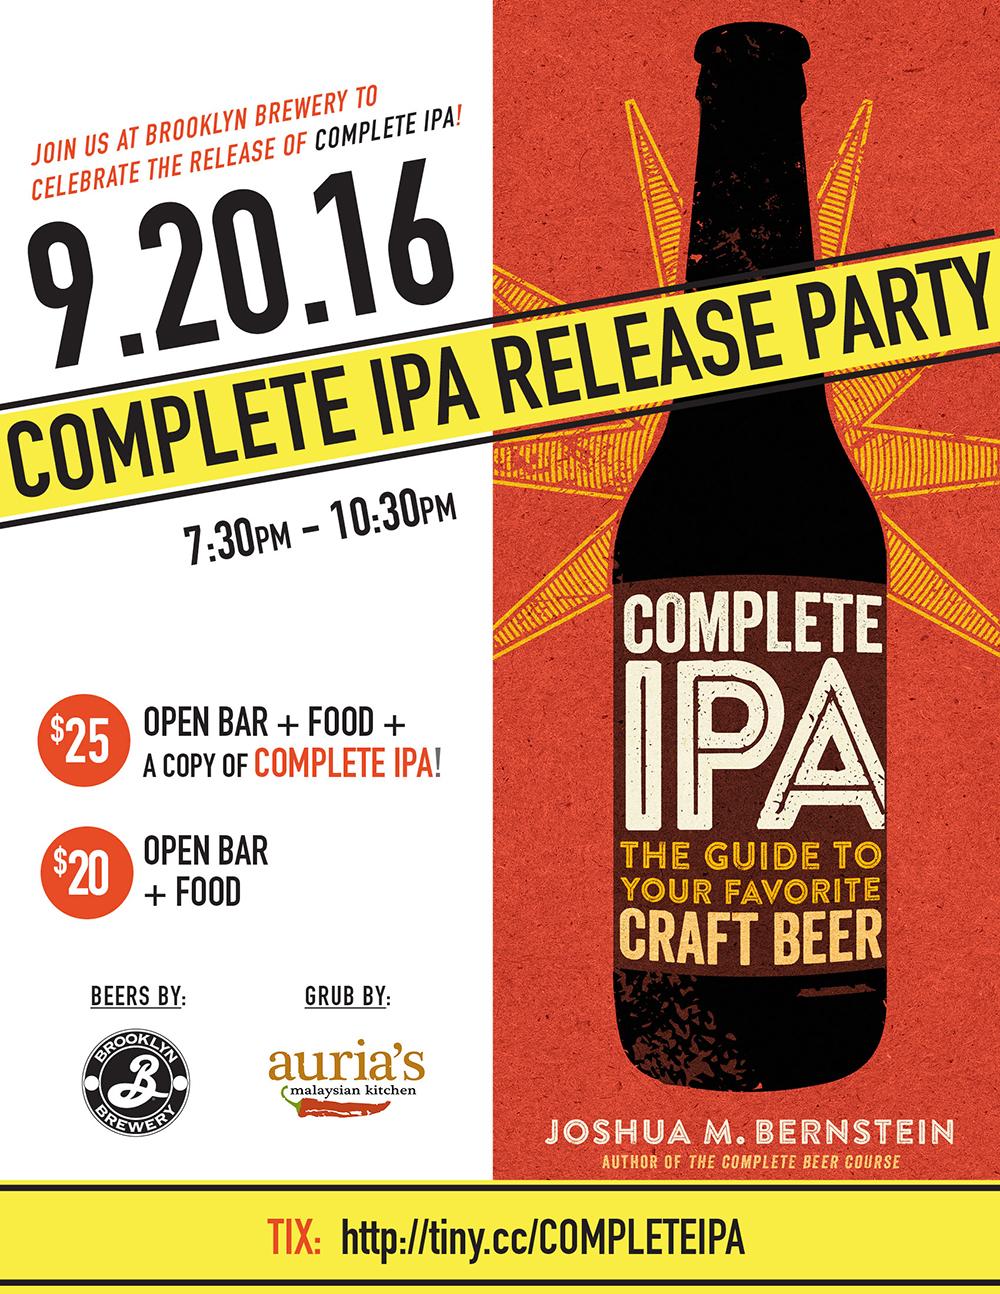 CompleteIPA_Release